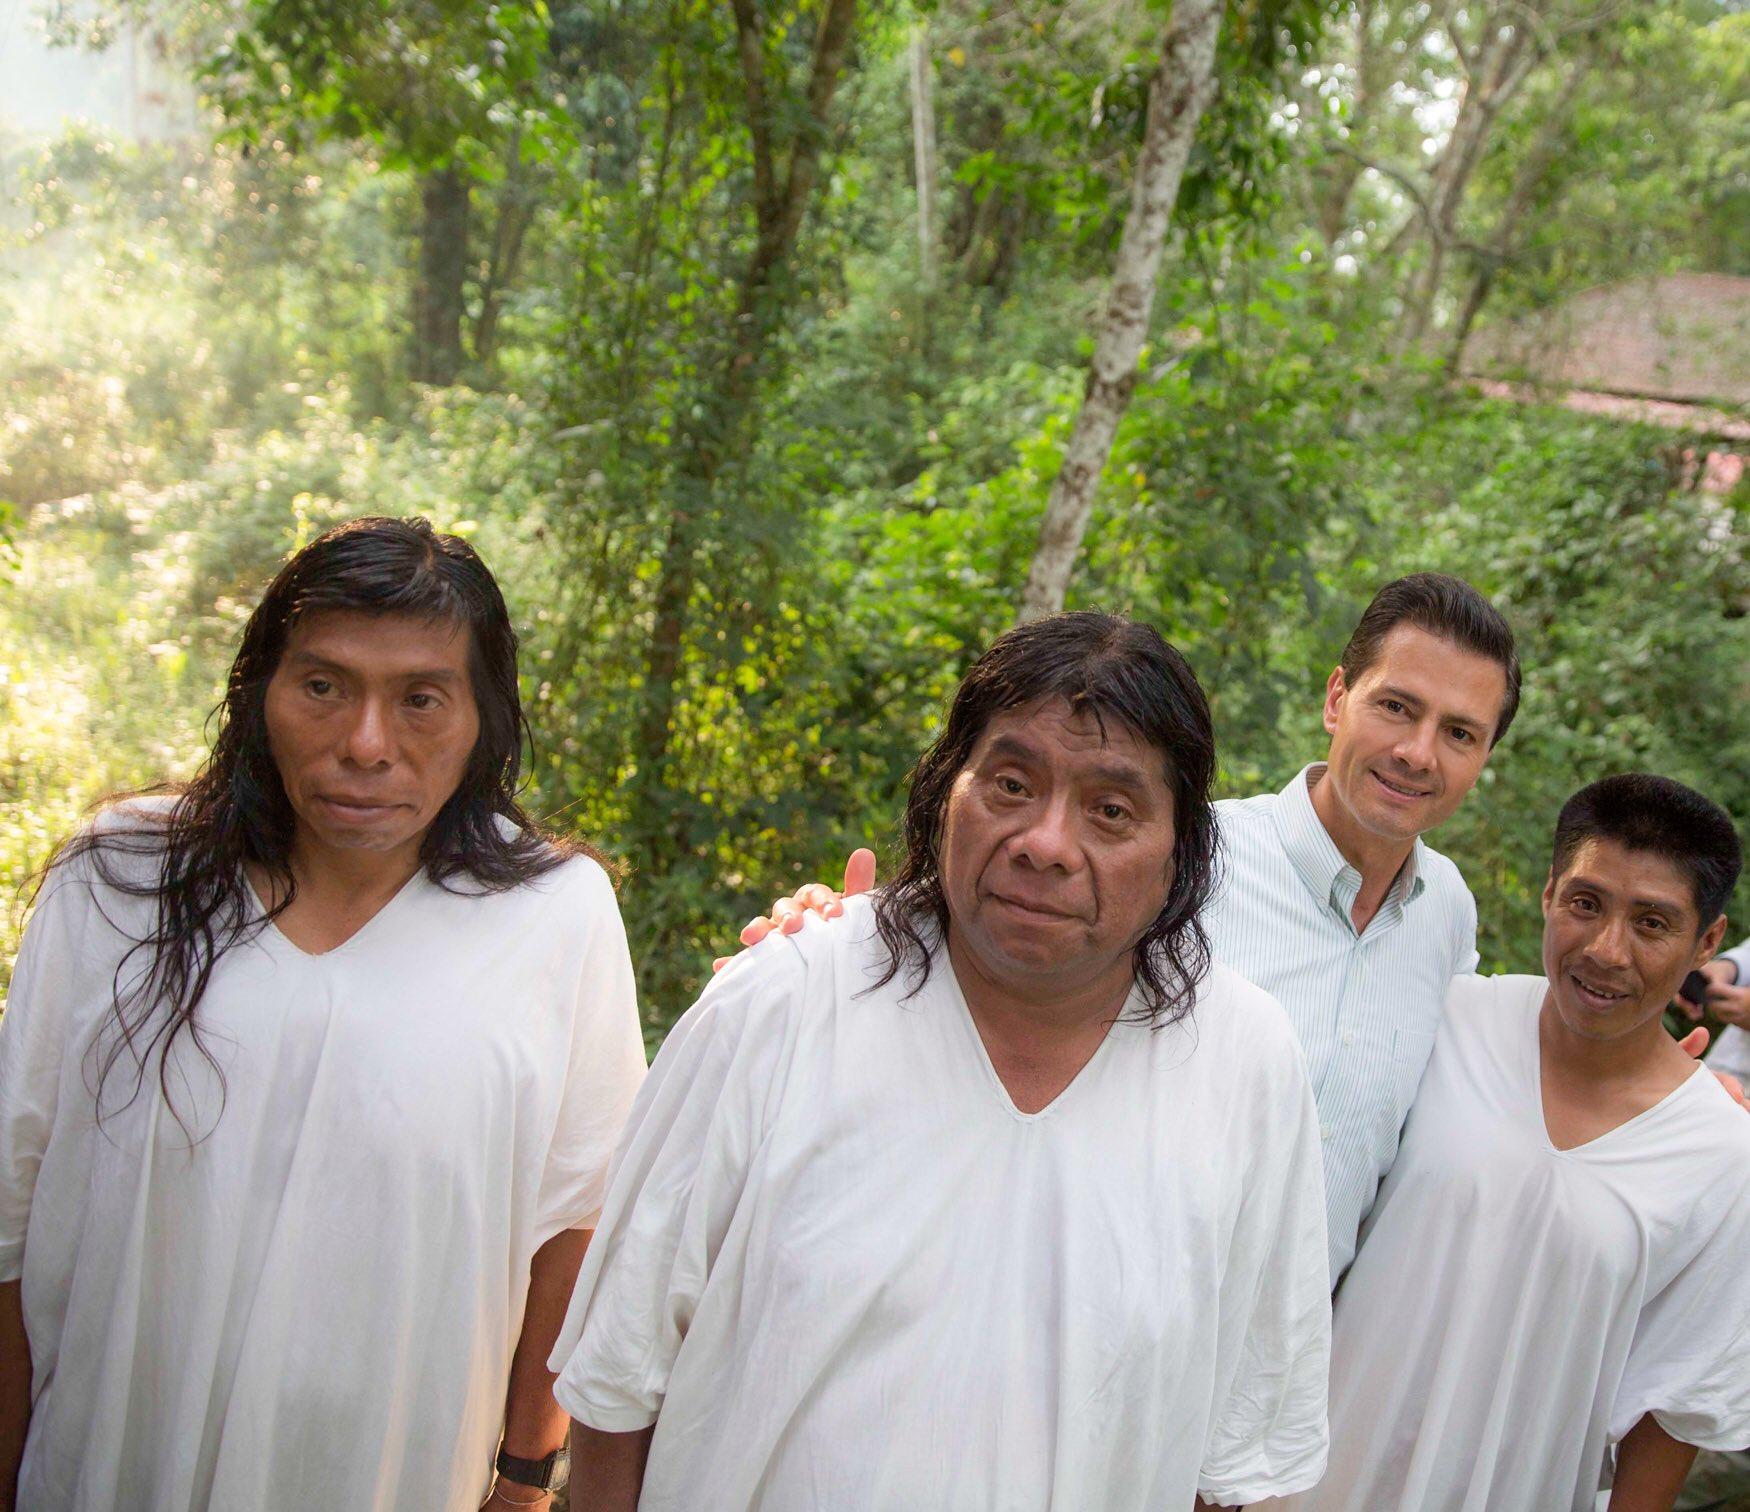 Fue un privilegio de vida conocer ayer uno de los grandes pulmones de @Mexico: la Selva Lacandona. https://t.co/h0aeb00dKq